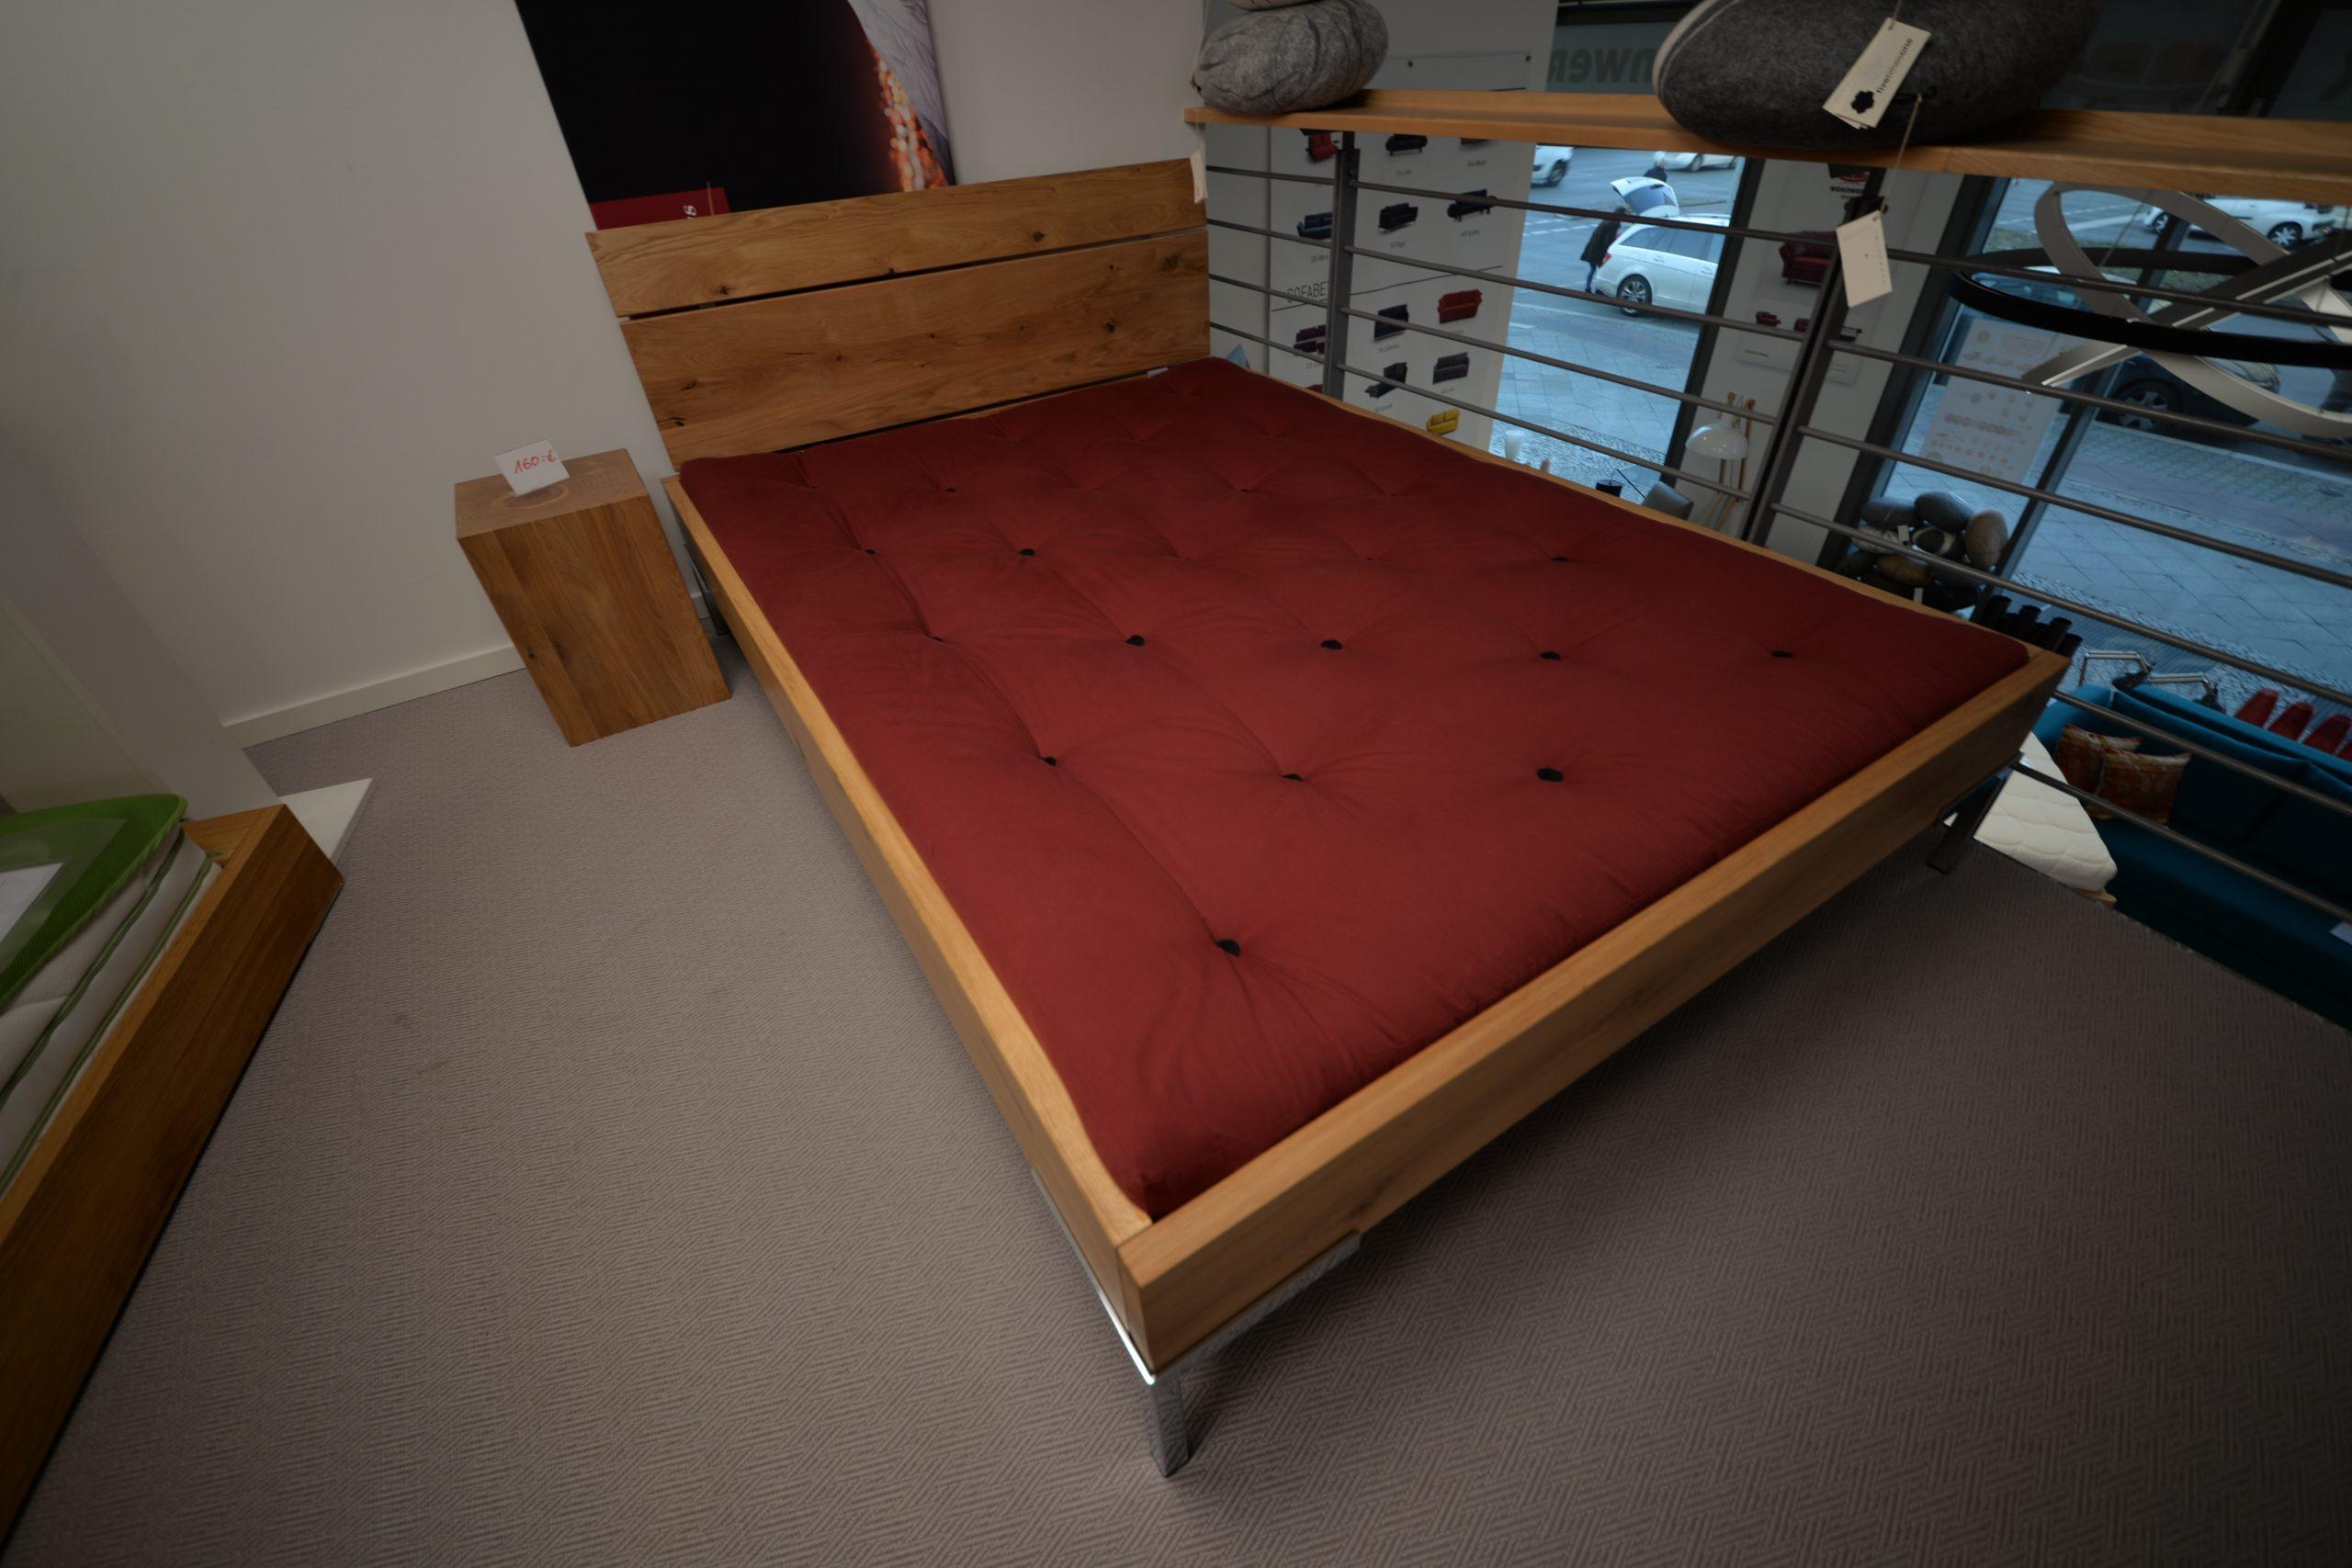 Full Size of Bett Ausstellungsstück Ausstellungsstck Natura Plus Von Modular Wohnwerk Berlin Balken Betten Test 140x200 Günstig Mit Matratze Und Lattenrost Boxspring Bett Bett Ausstellungsstück